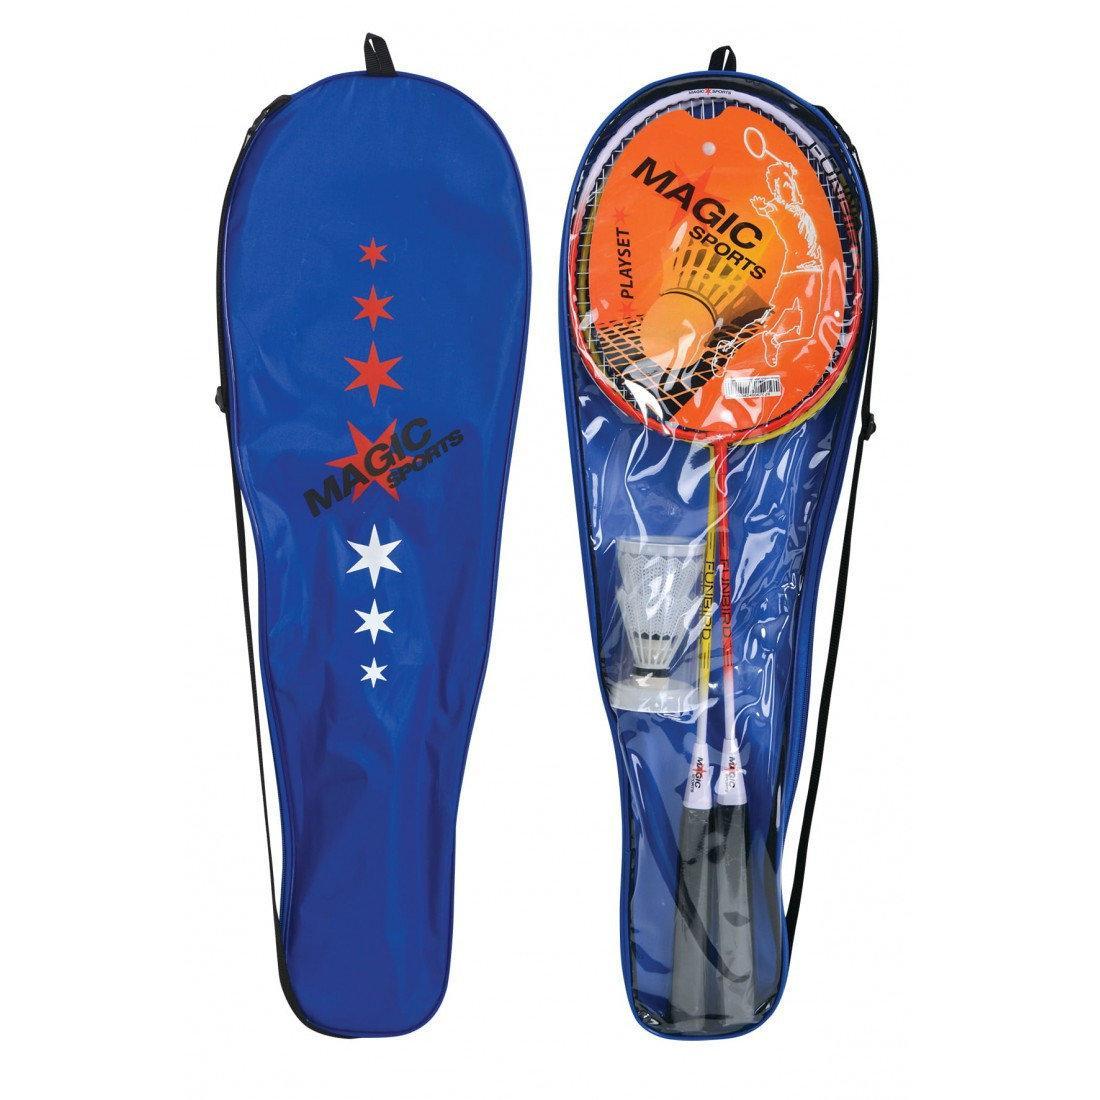 Набор для бадминтона Magic Sports (2 ракетки, 2 волана) в чехле